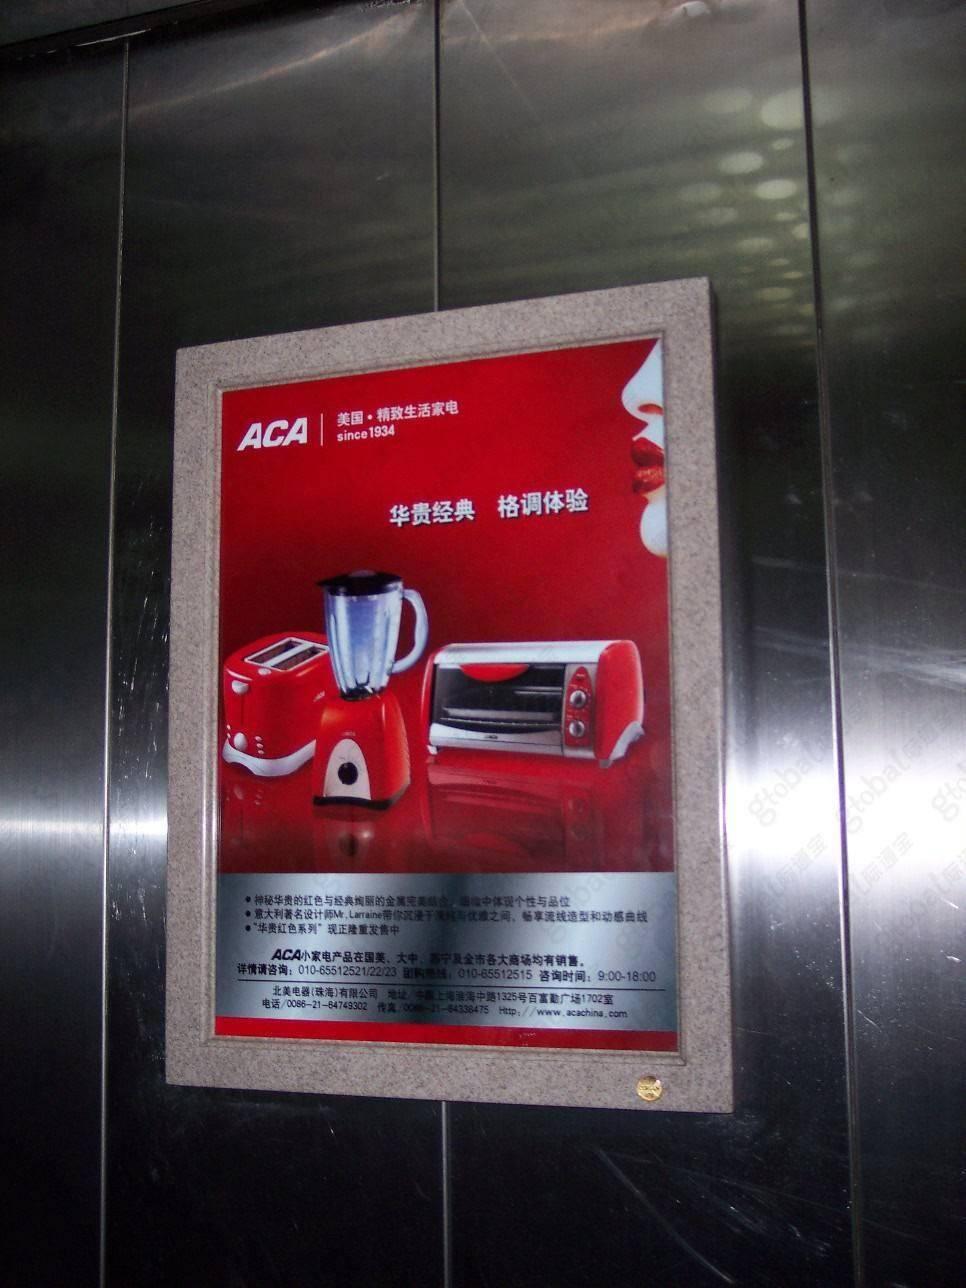 银川电梯广告公司广告牌框架3.0投放(100框起投)